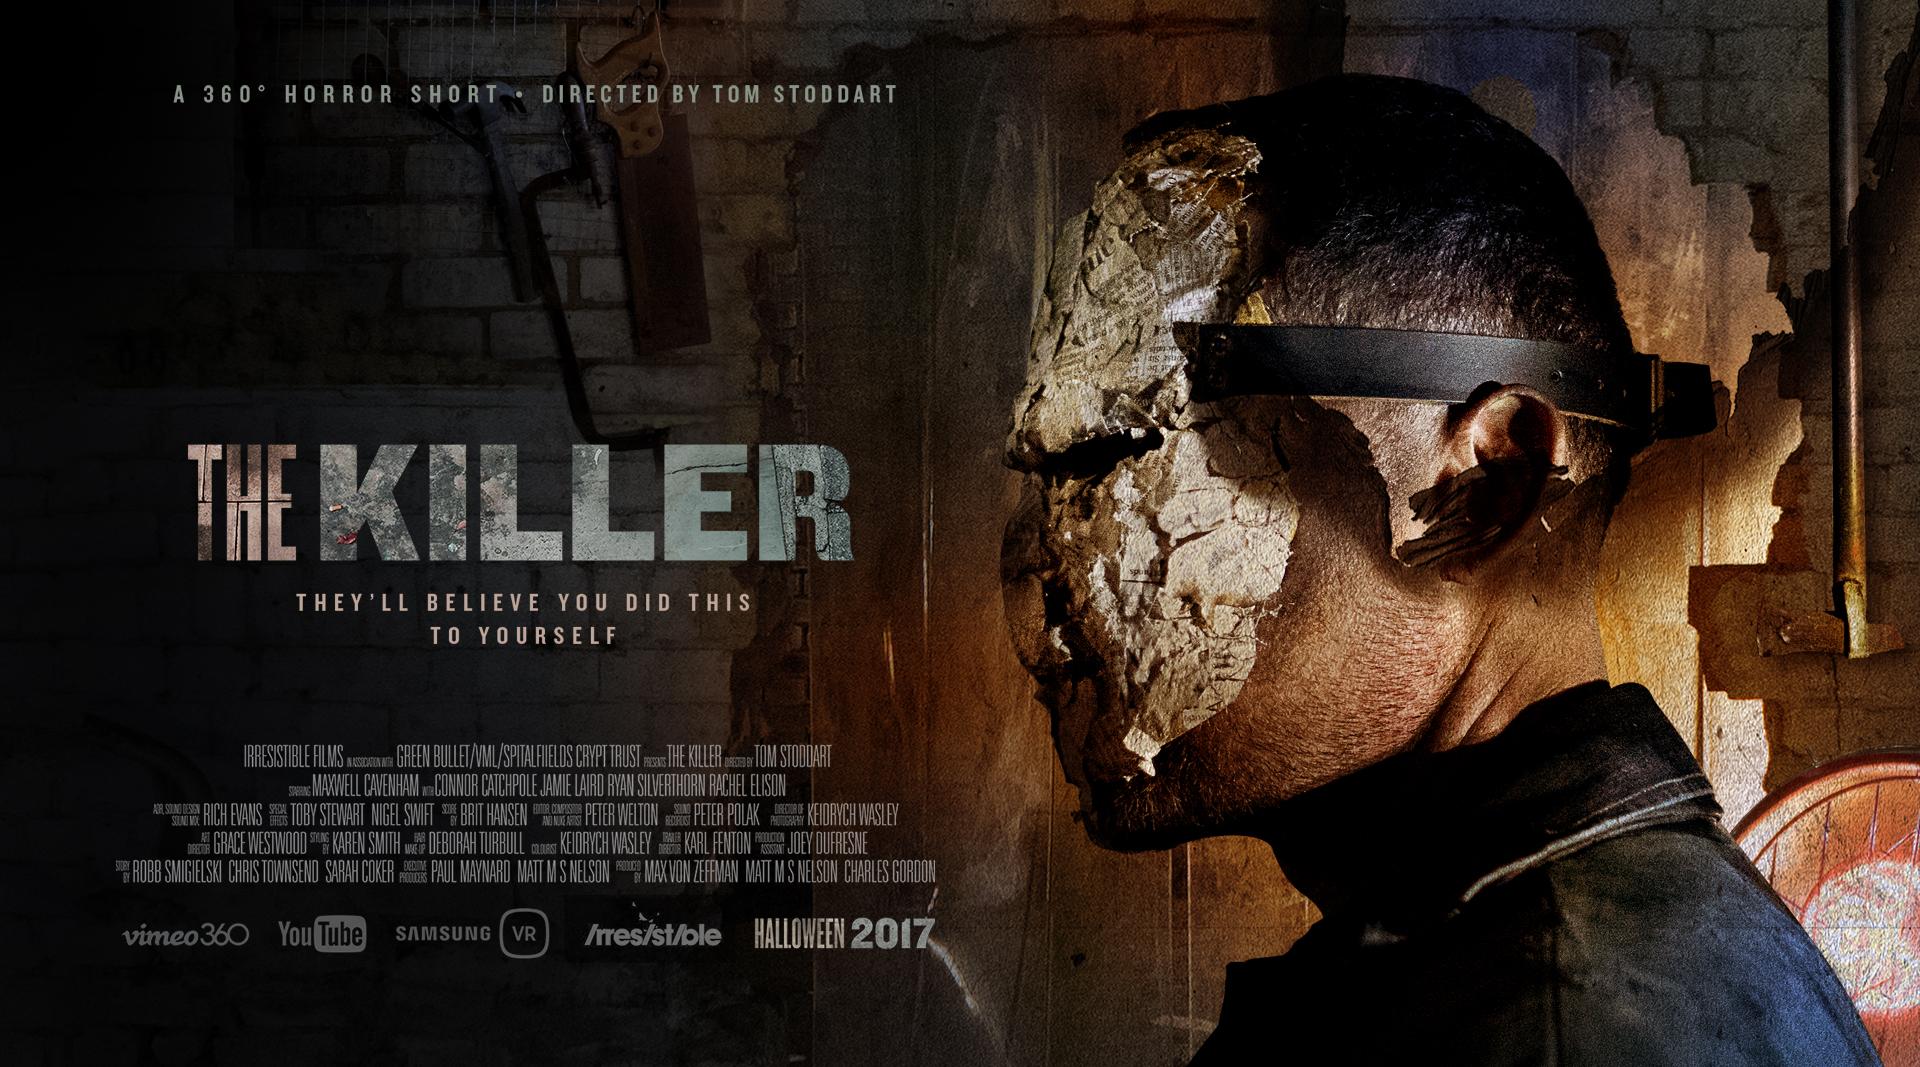 TheKiller_HortizontalPosters_mask.jpg